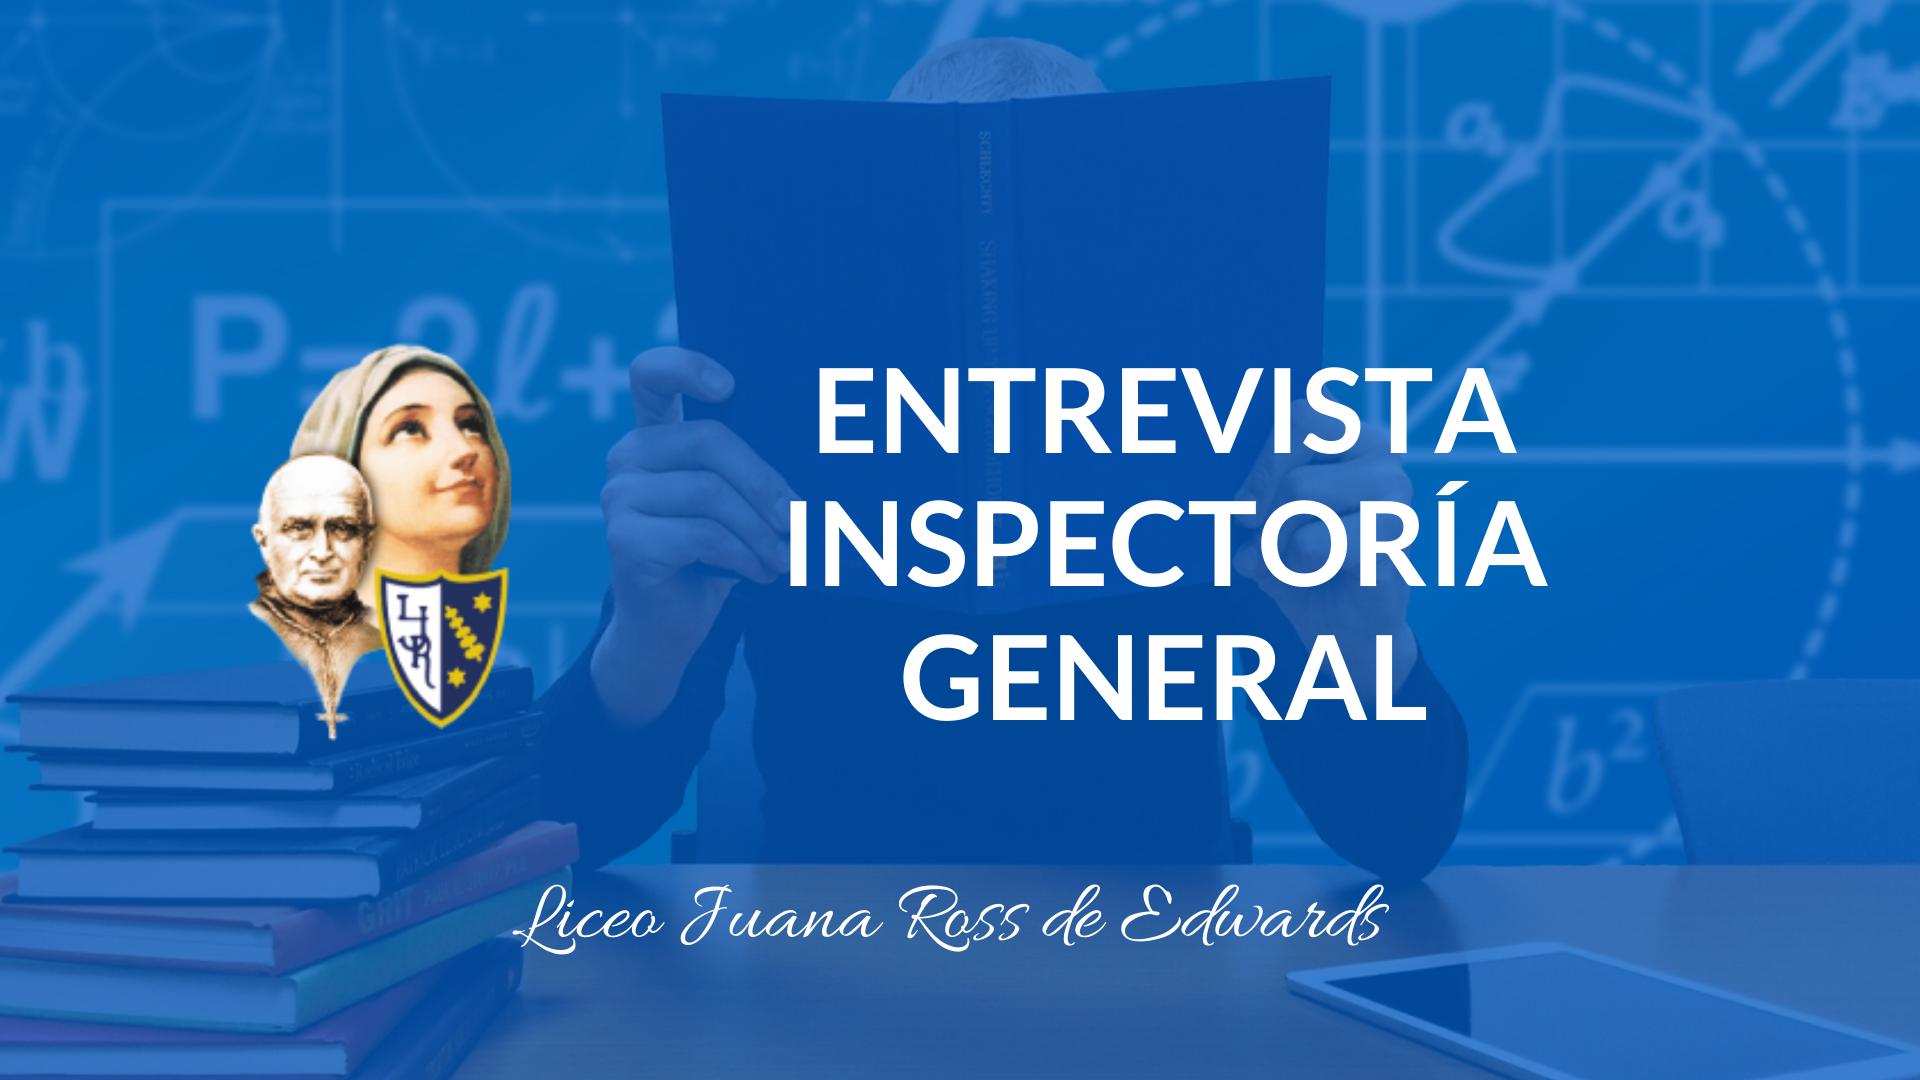 Entrevistas en Video – LJR – Inspectoría